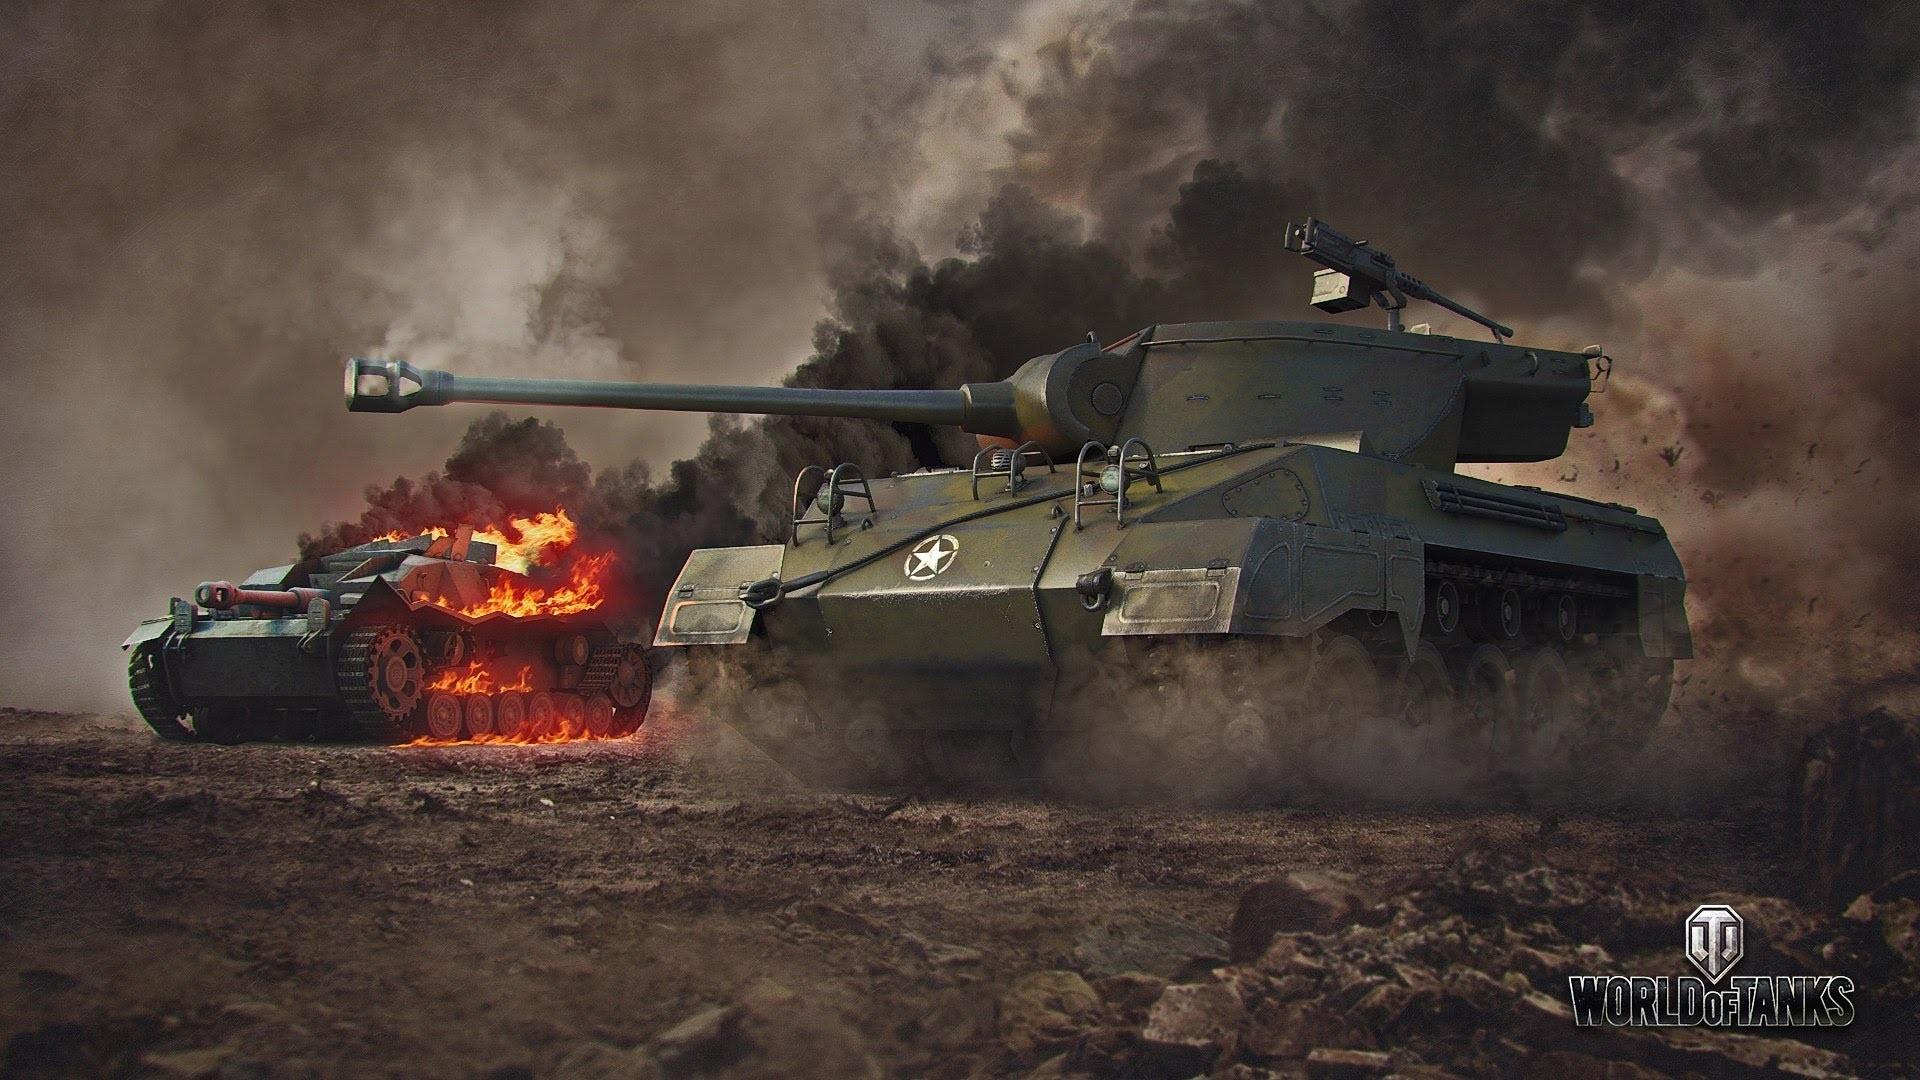 Res: 1920x1080, World War 2 Tank Wallpaper